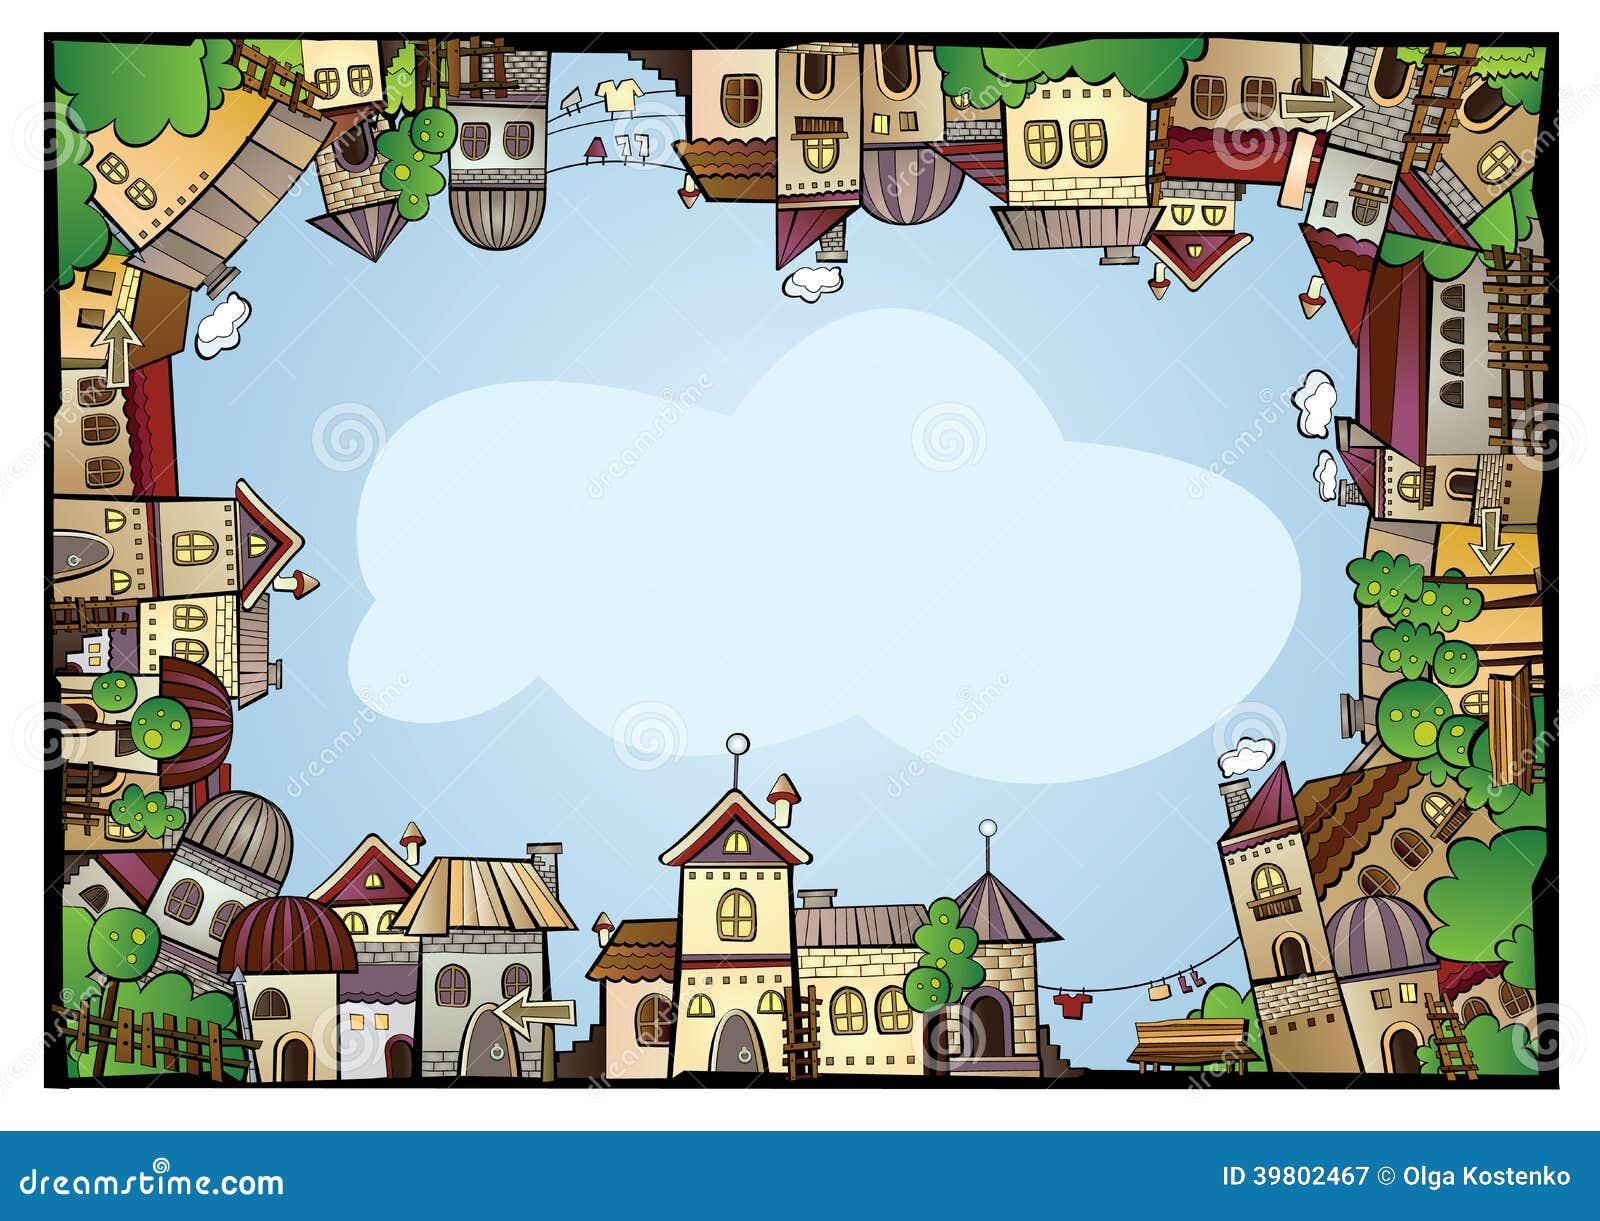 Cartoon Color Construction Town Border Stock Vector - Image: 39802467